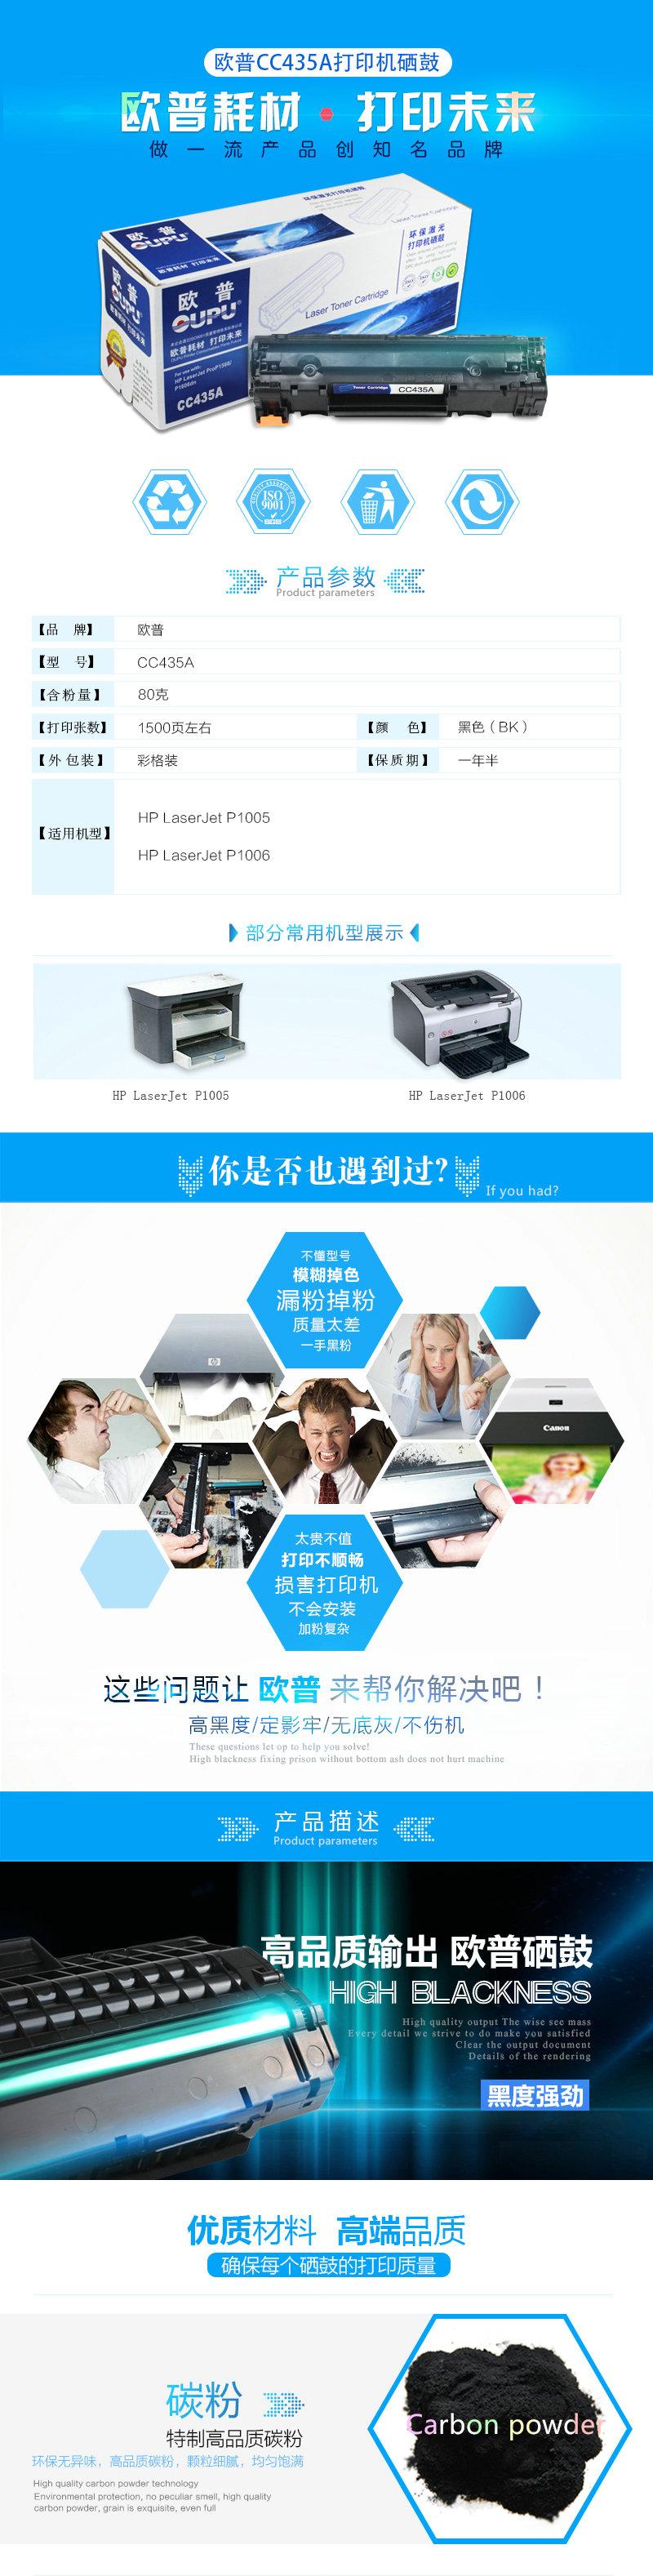 欧普CC435A打印机万博体育手机官网登录普通